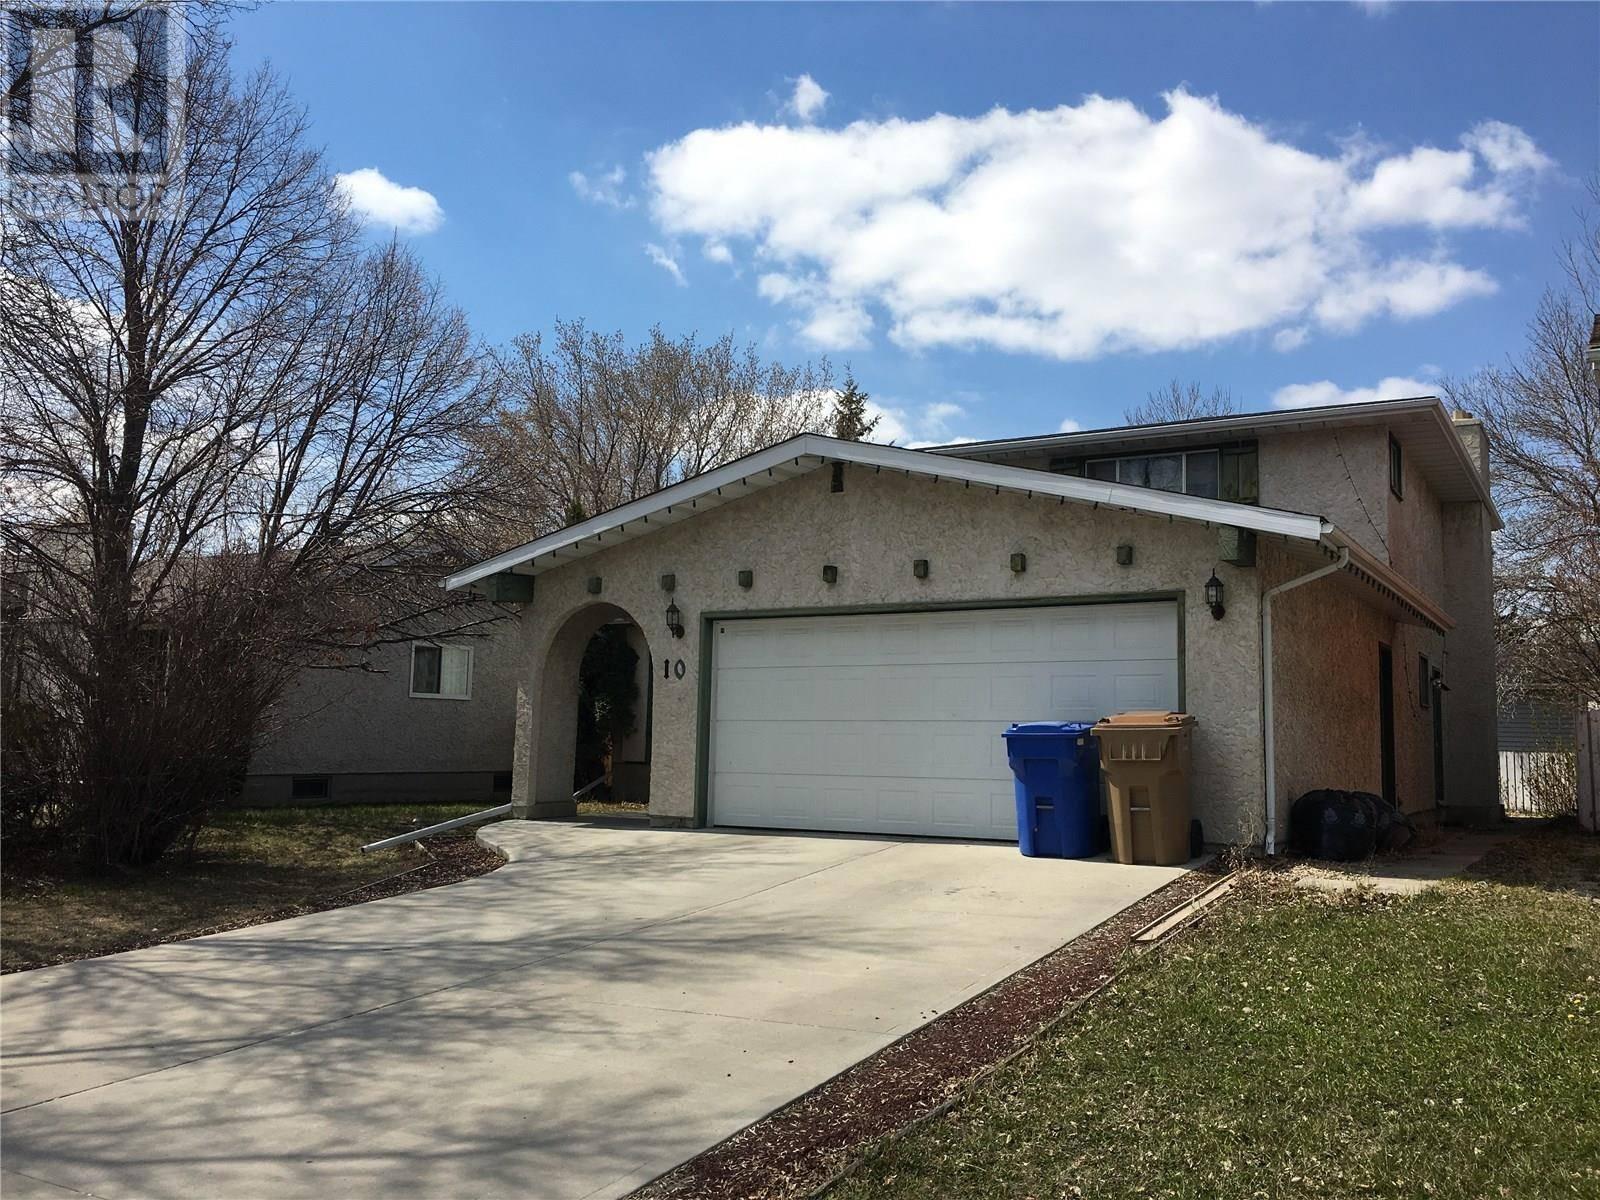 House for sale at 10 University Park Dr Regina Saskatchewan - MLS: SK758779